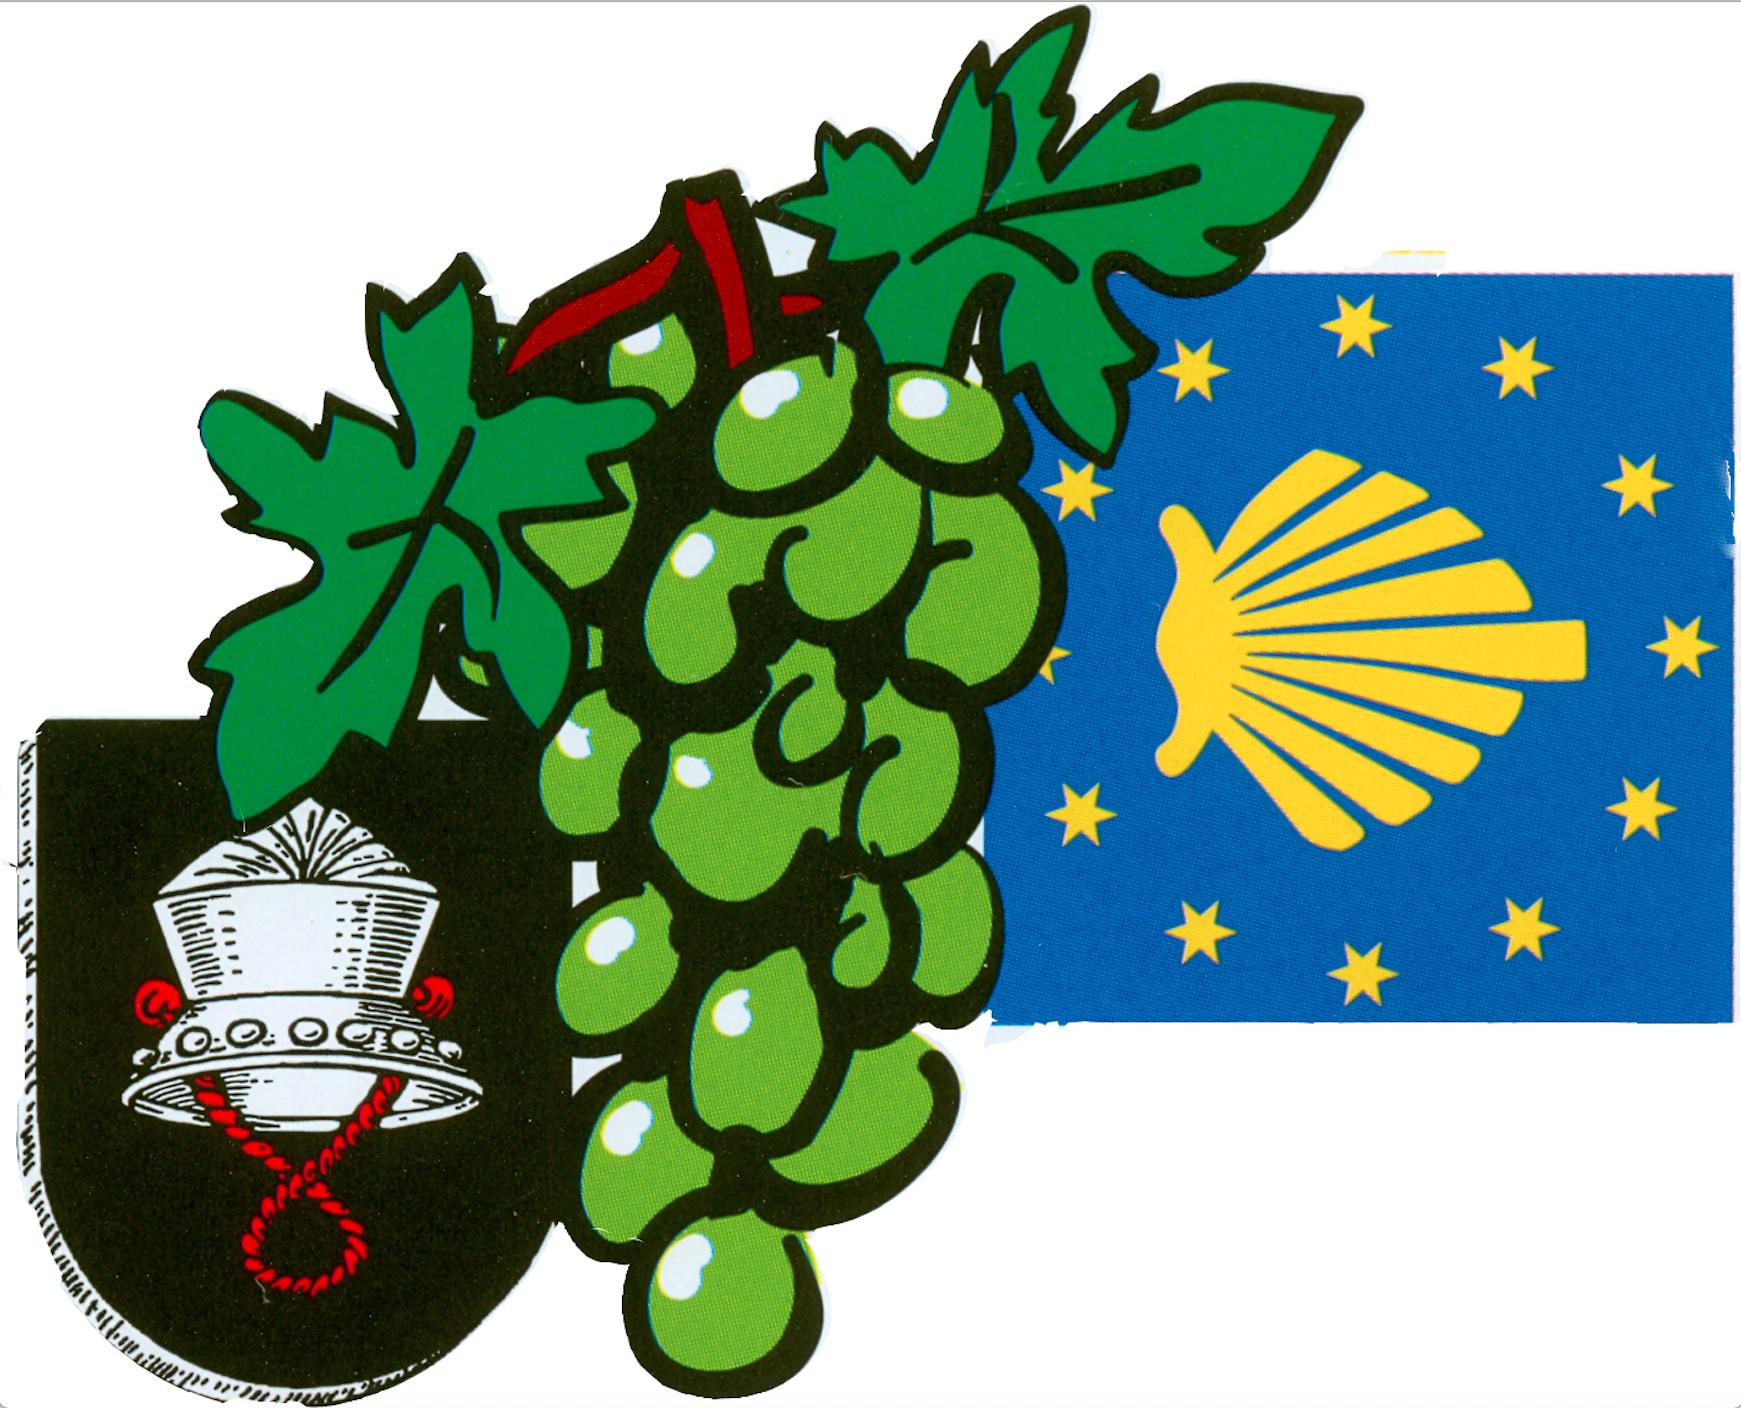 IG Wein und Pilgerweg